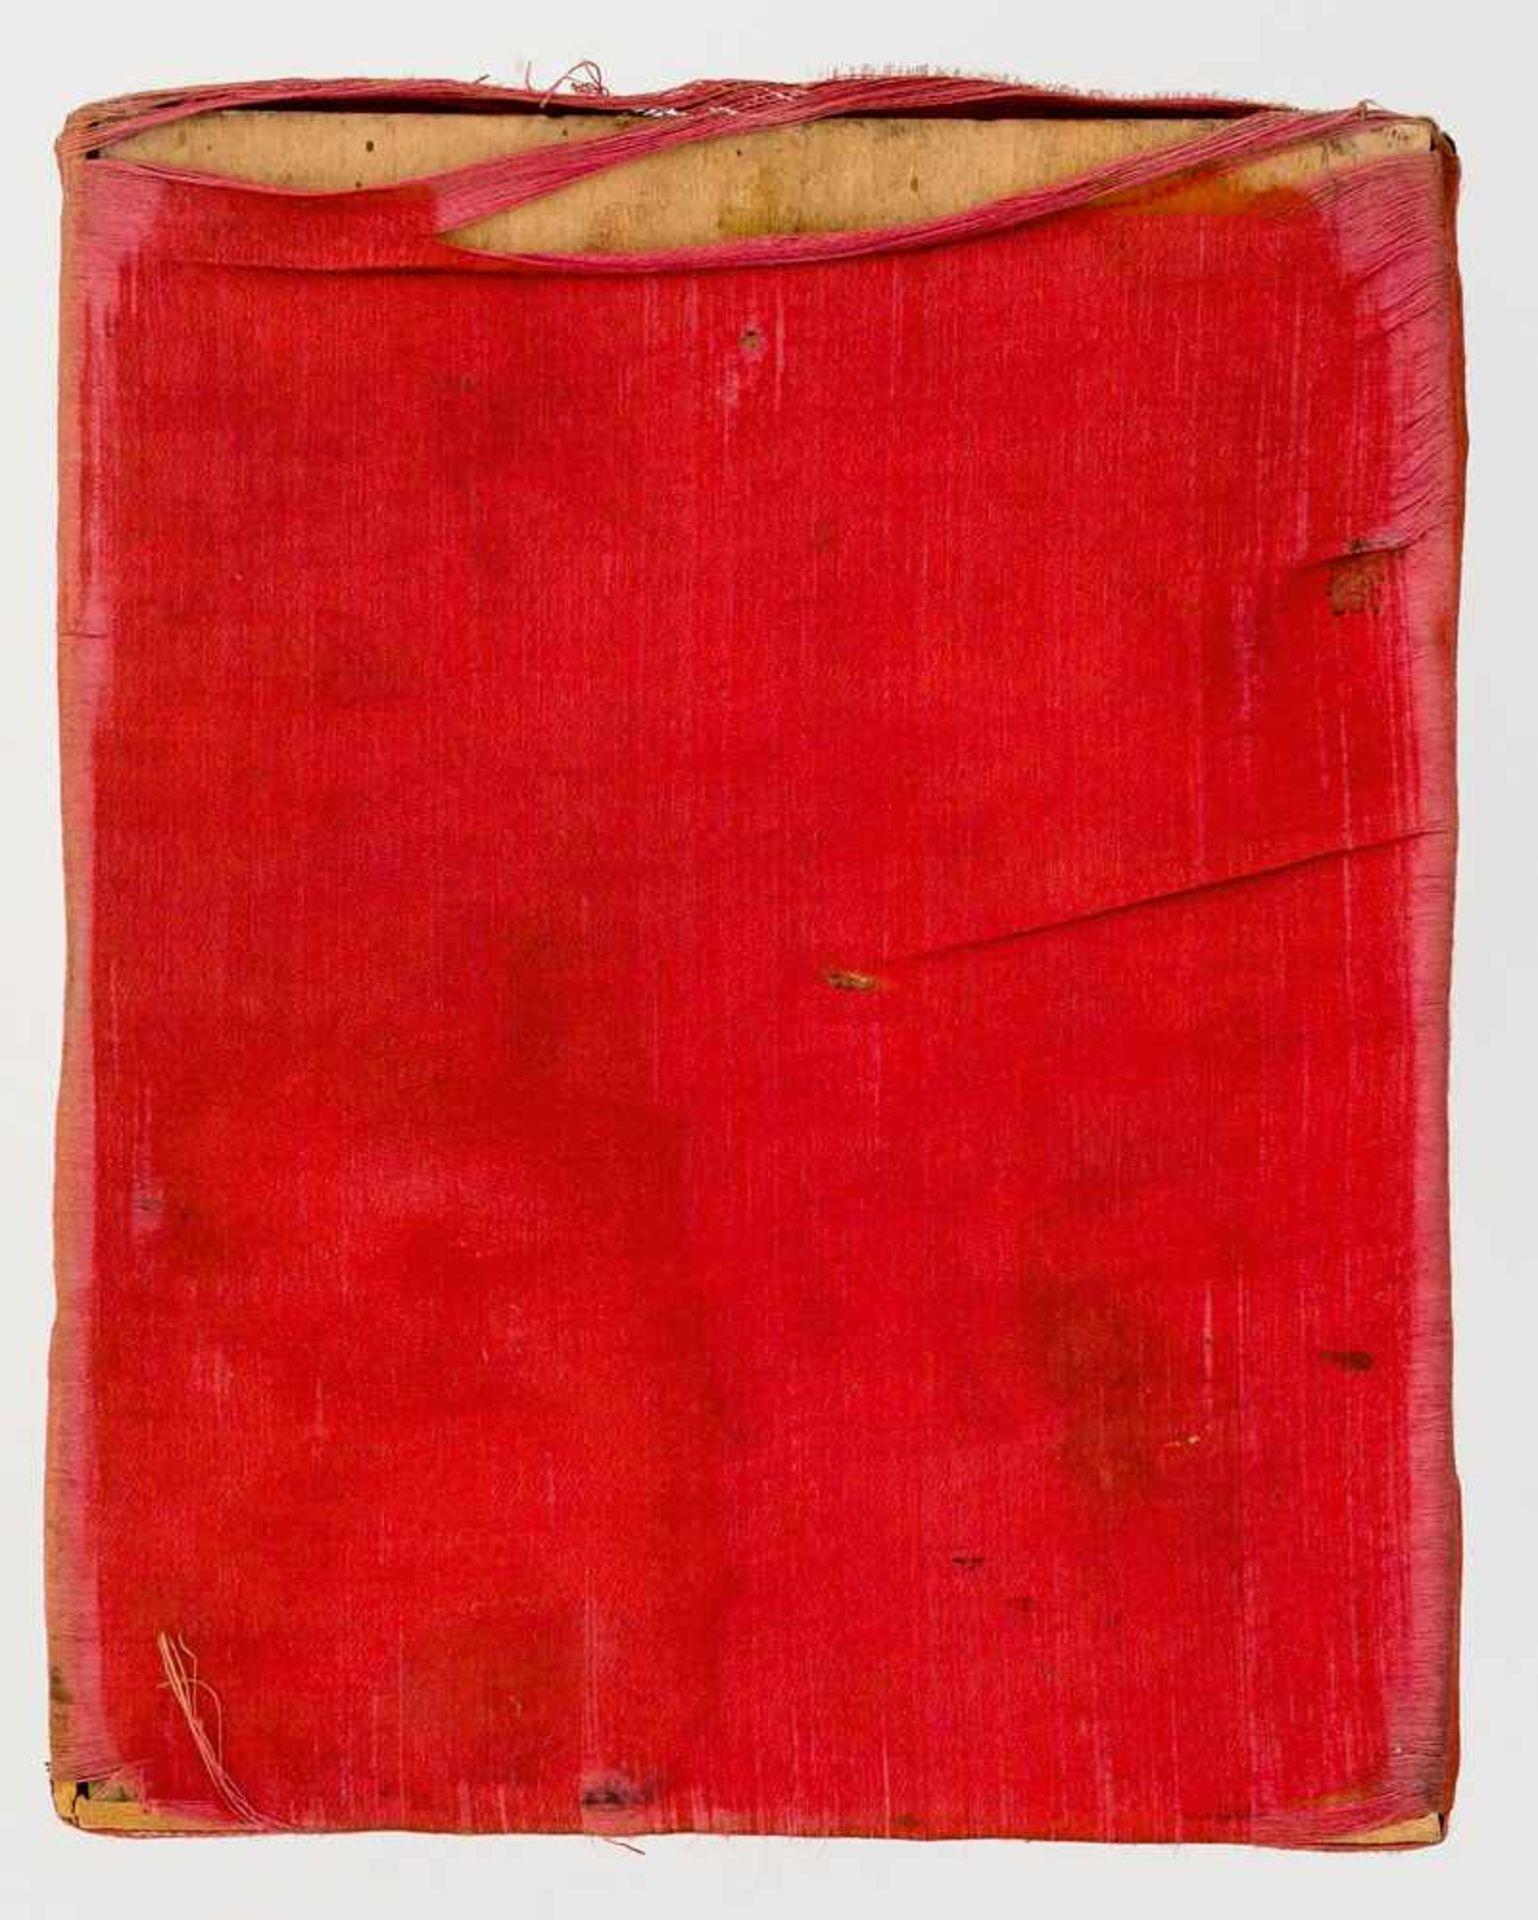 *Gottesmutter Iverskaja Russische Ikone, um 1900, mit Silberoklad, Moskau 1896-1908 Meister: - Bild 2 aus 3